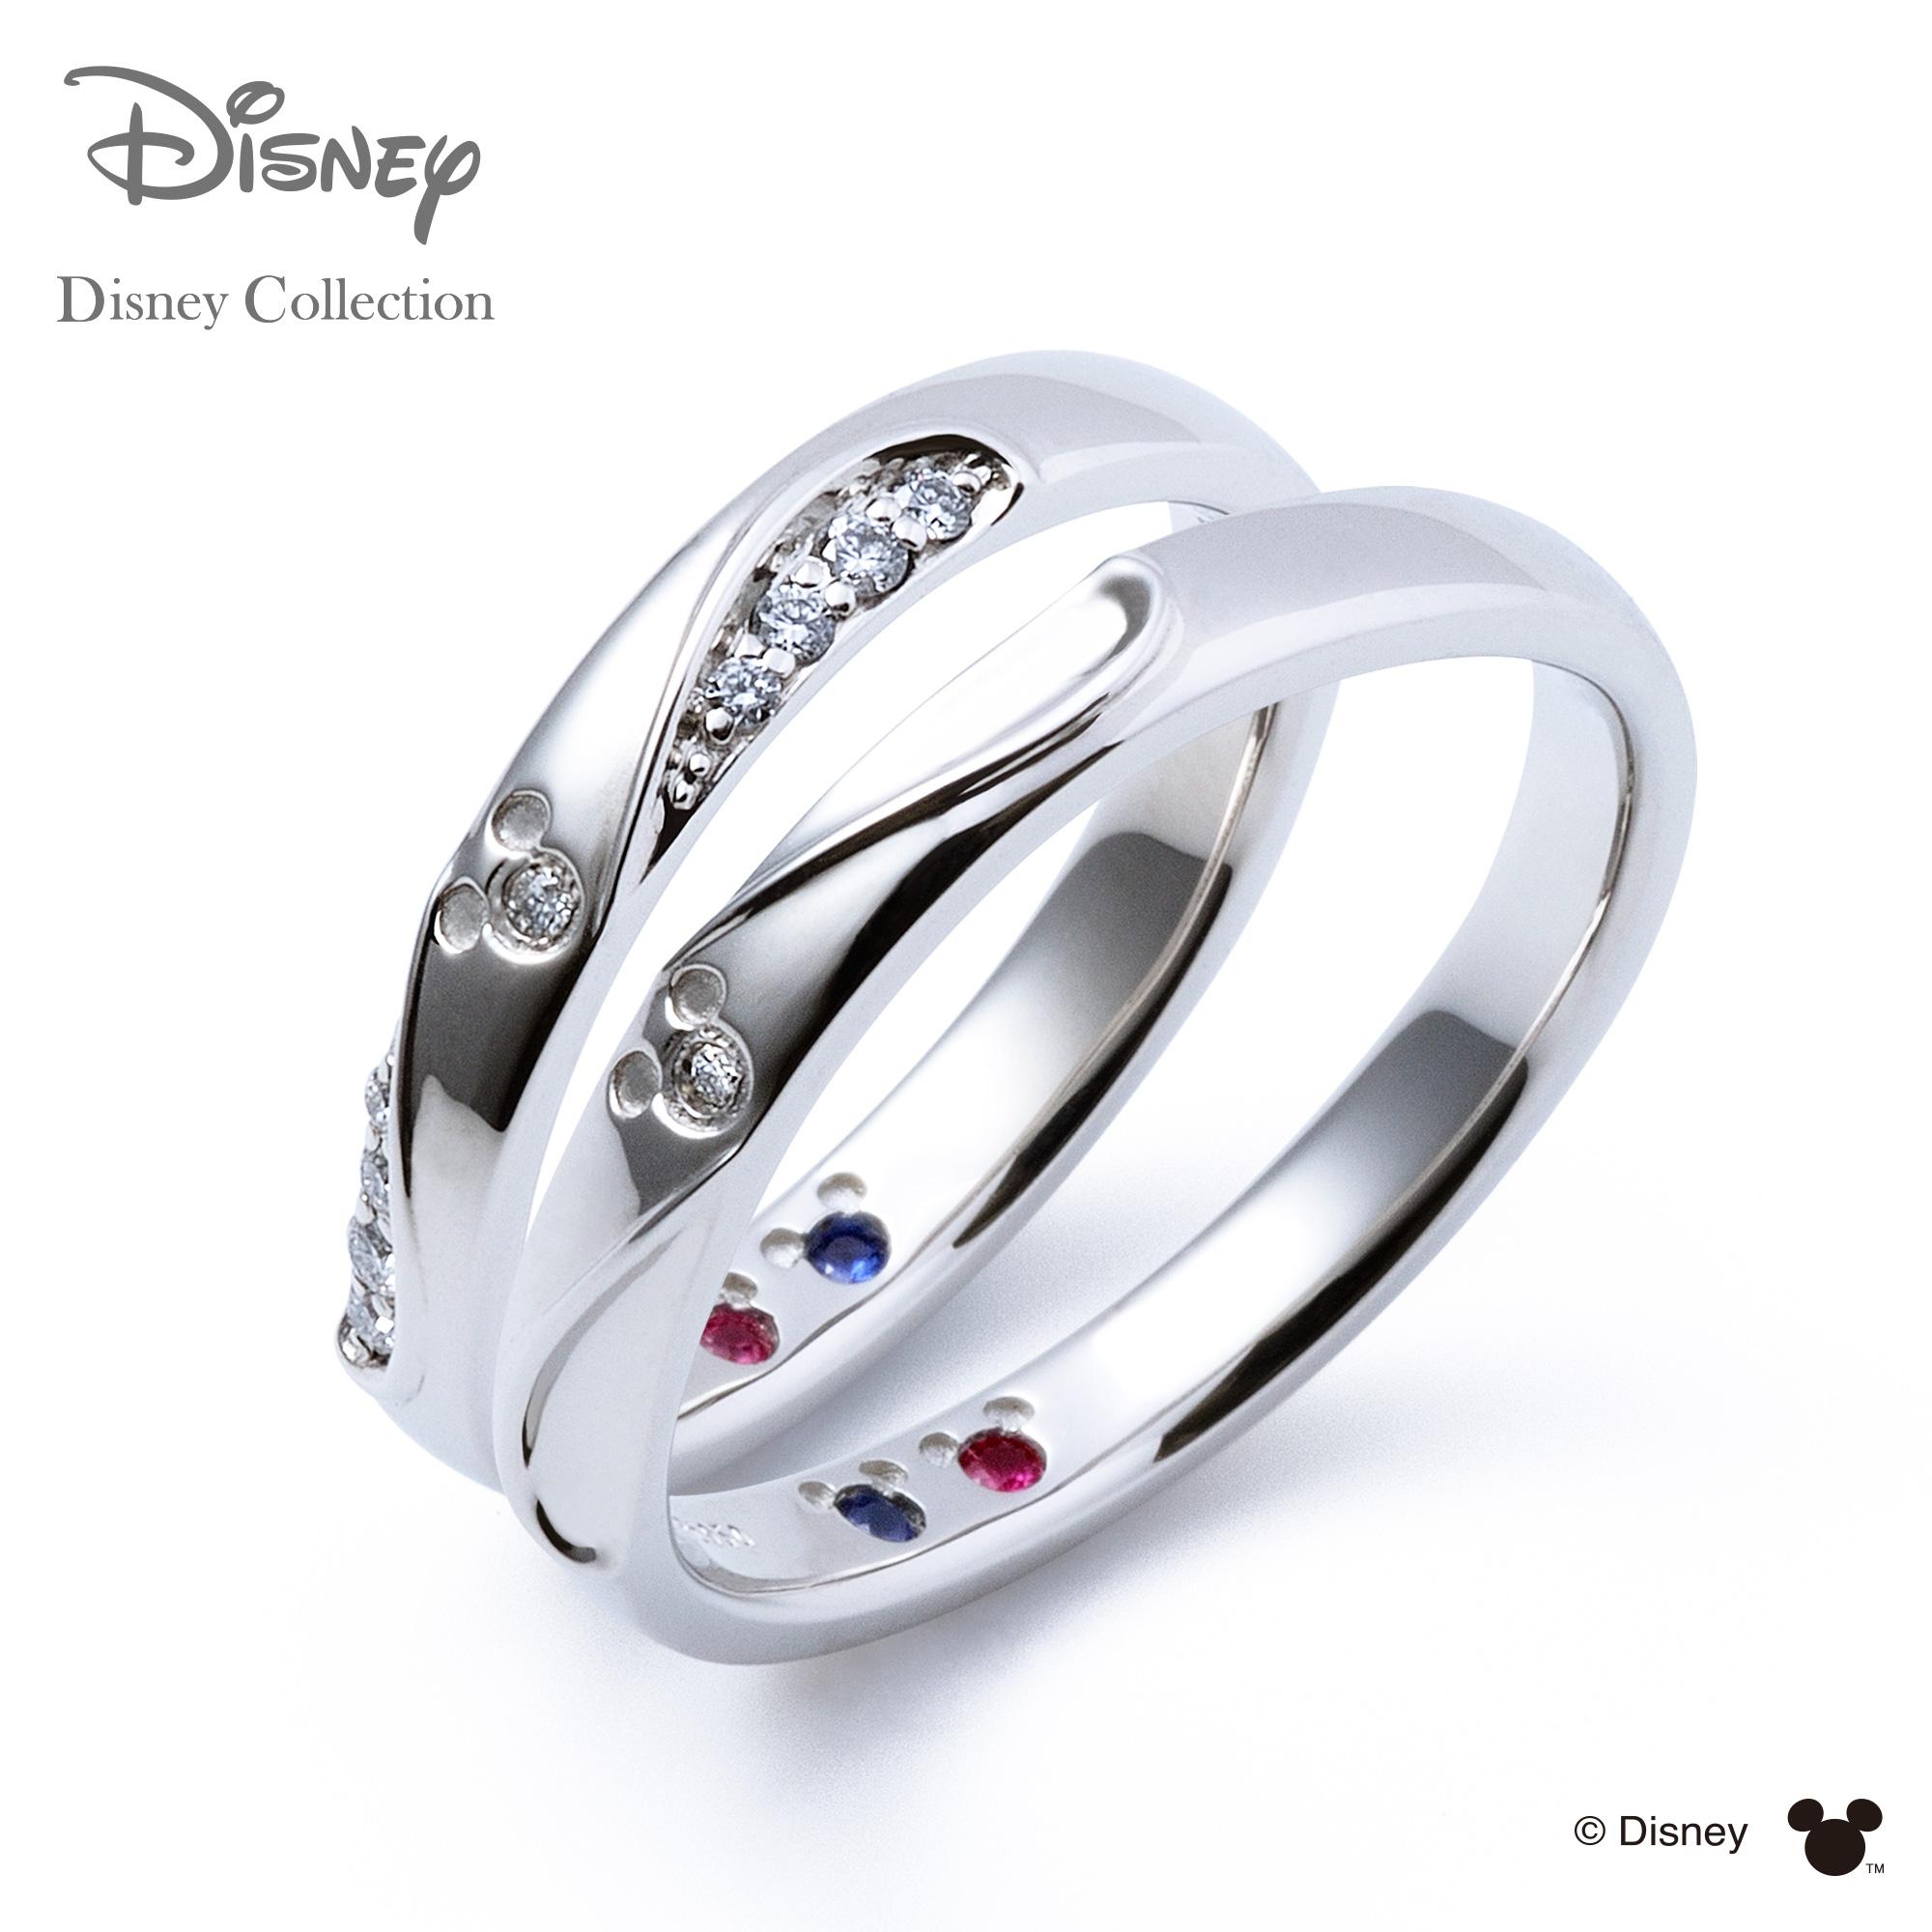 【刻印可_14文字】【ディズニーコレクション】 ディズニー / プラチナ マリッジ リング 結婚指輪 / 隠れミッキーマウス / ペアリング THE KISS リング・指輪 誕生石 DI-7061104532-7061104542 セット シンプル ザキス 【送料無料】